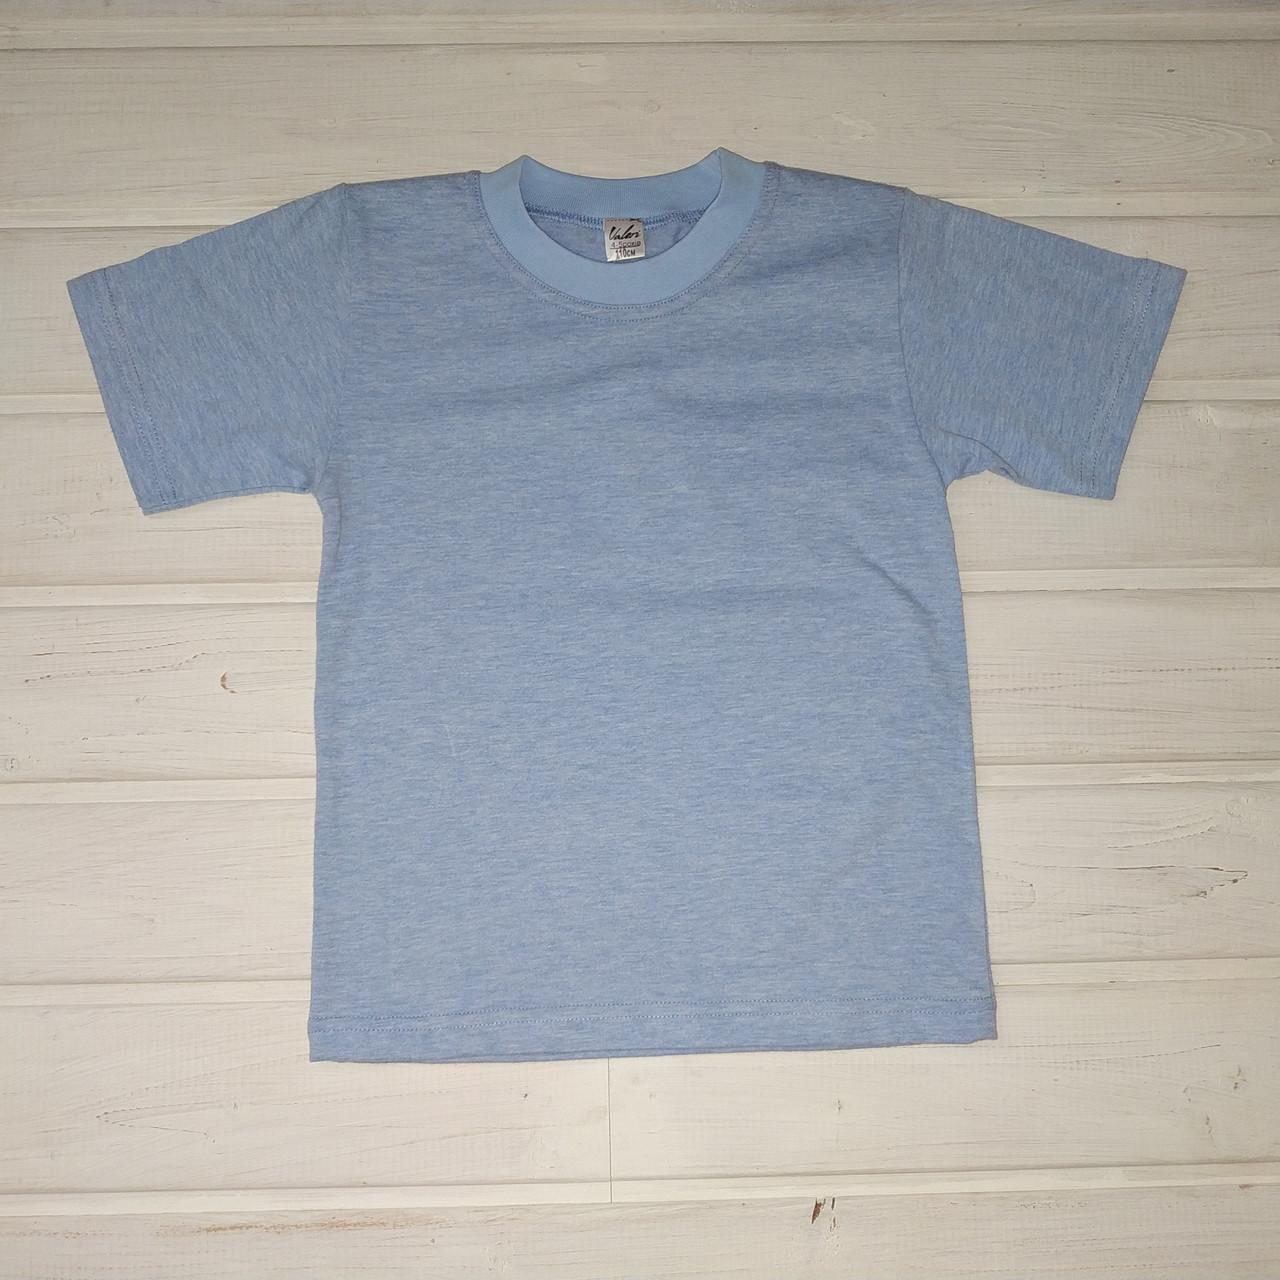 Футболка для мальчика голубая однотонная Размеры 116 128 134